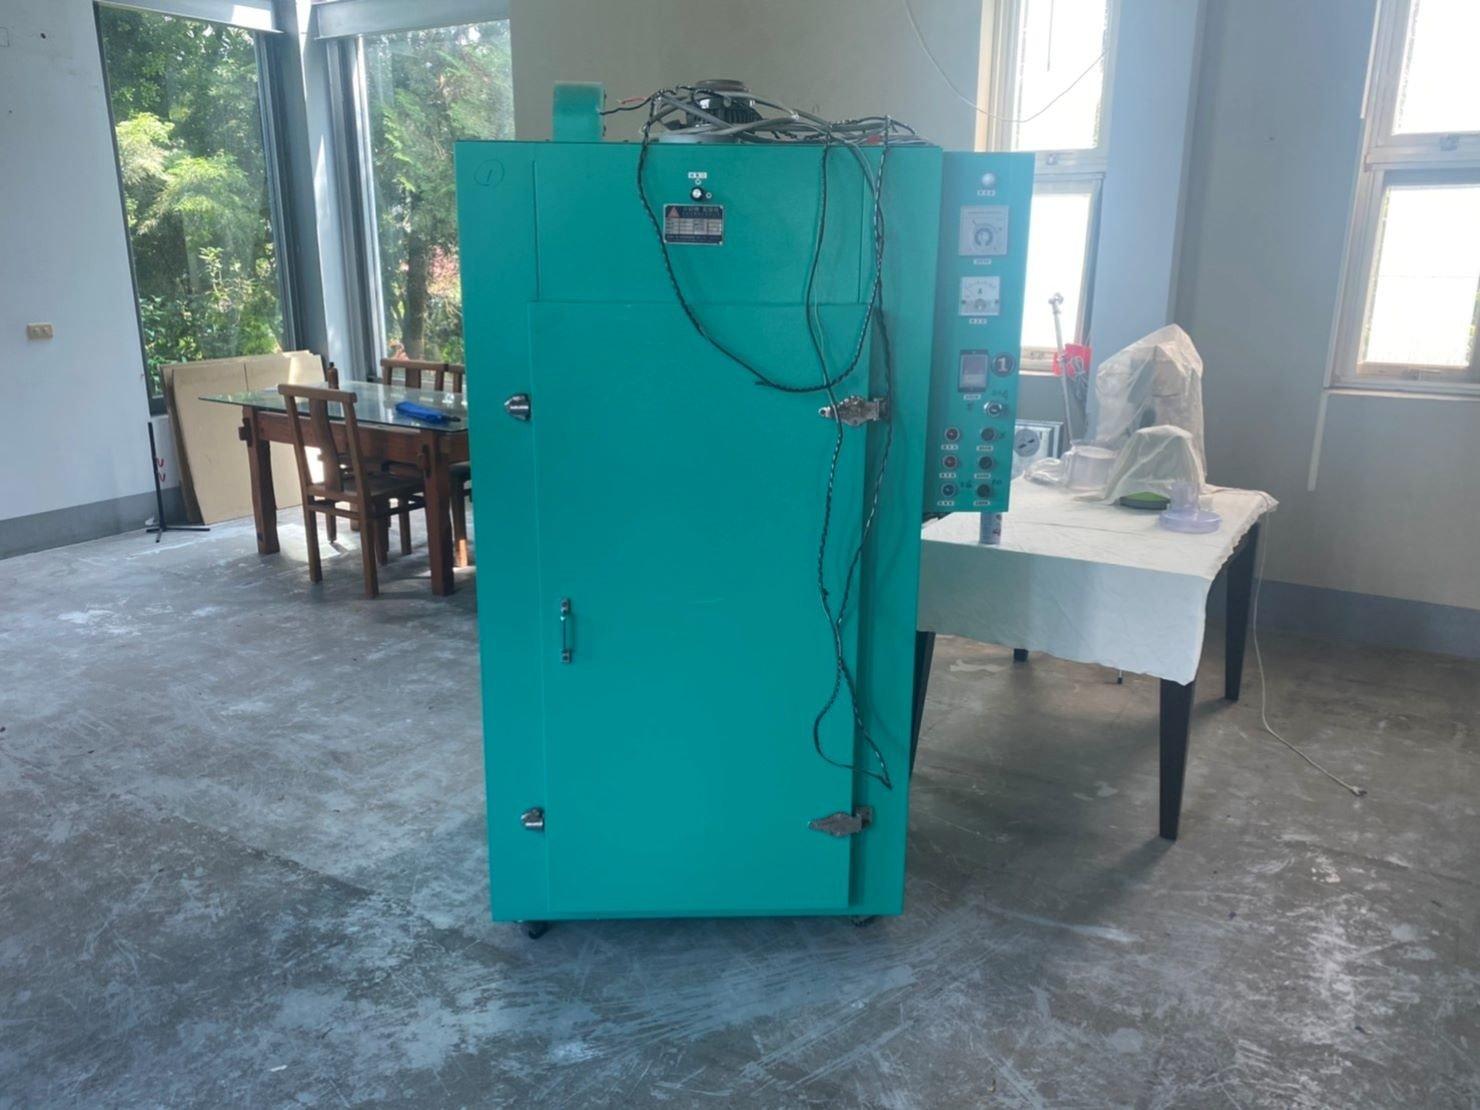 重物搬運【榮福搬家公司】口碑第一、台北搬家:一台重達250公斤的乾燥機,交由榮福搬家特殊重物組師傅搬運能放心。